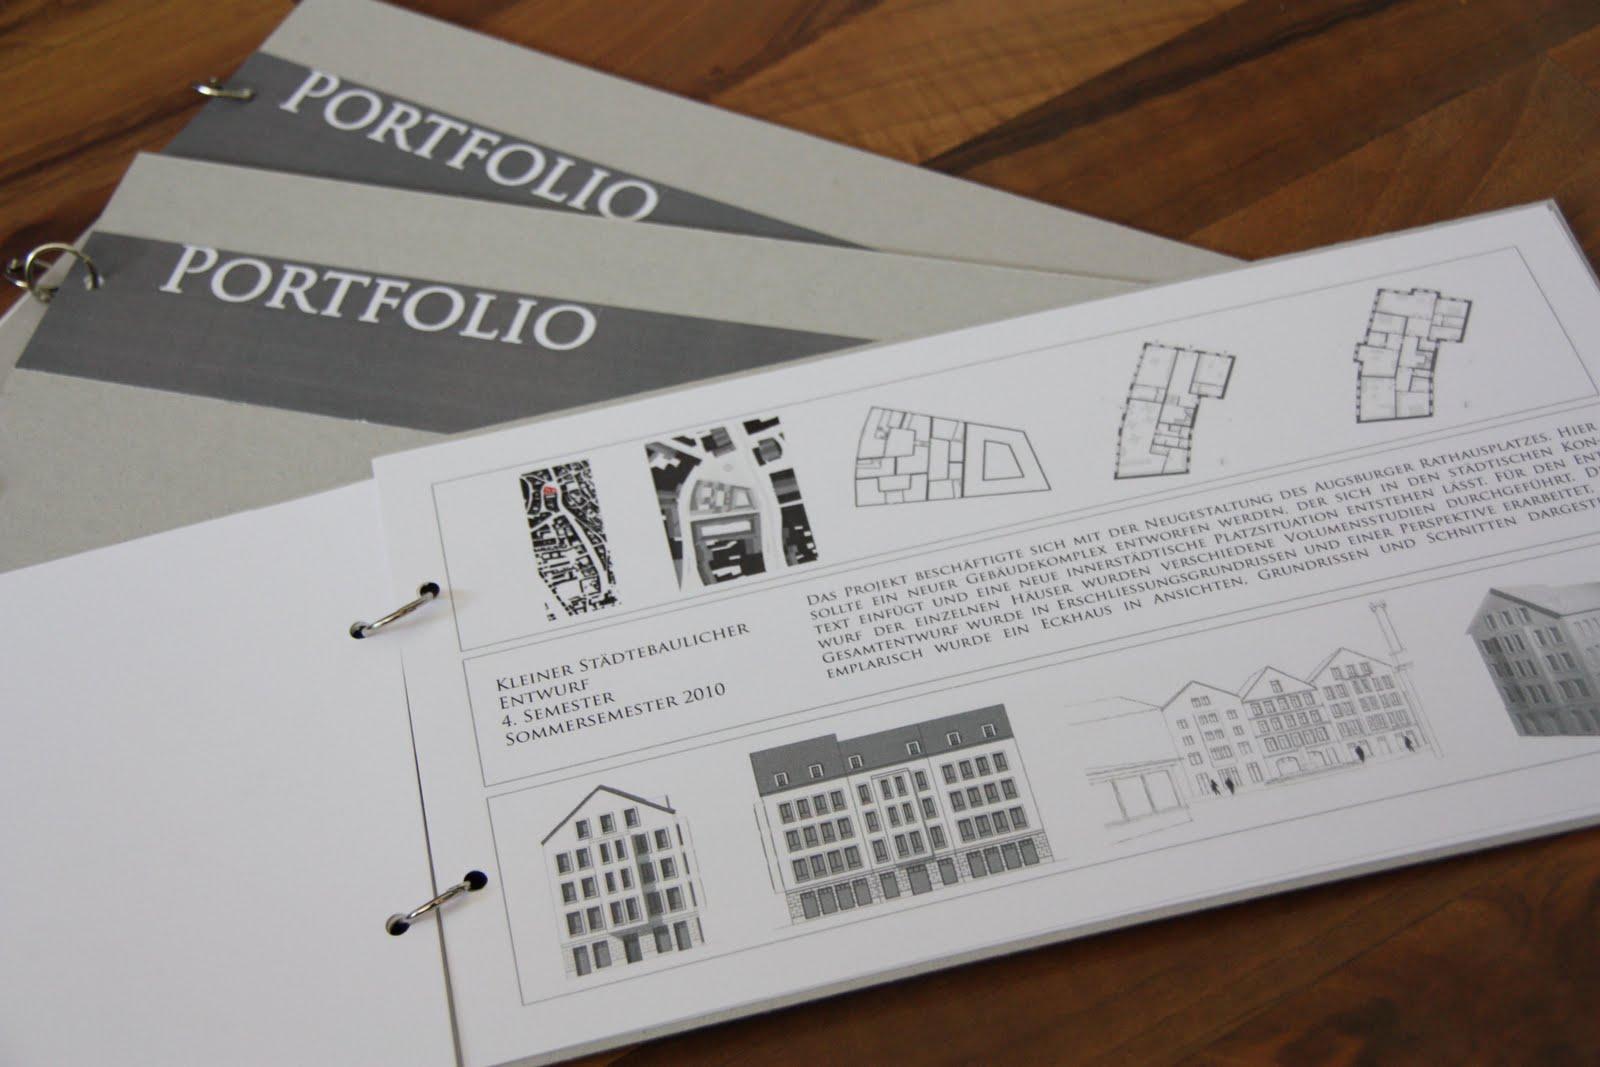 El artificio und weils so sch n ist gleich noch ein update for Portfolio architektur